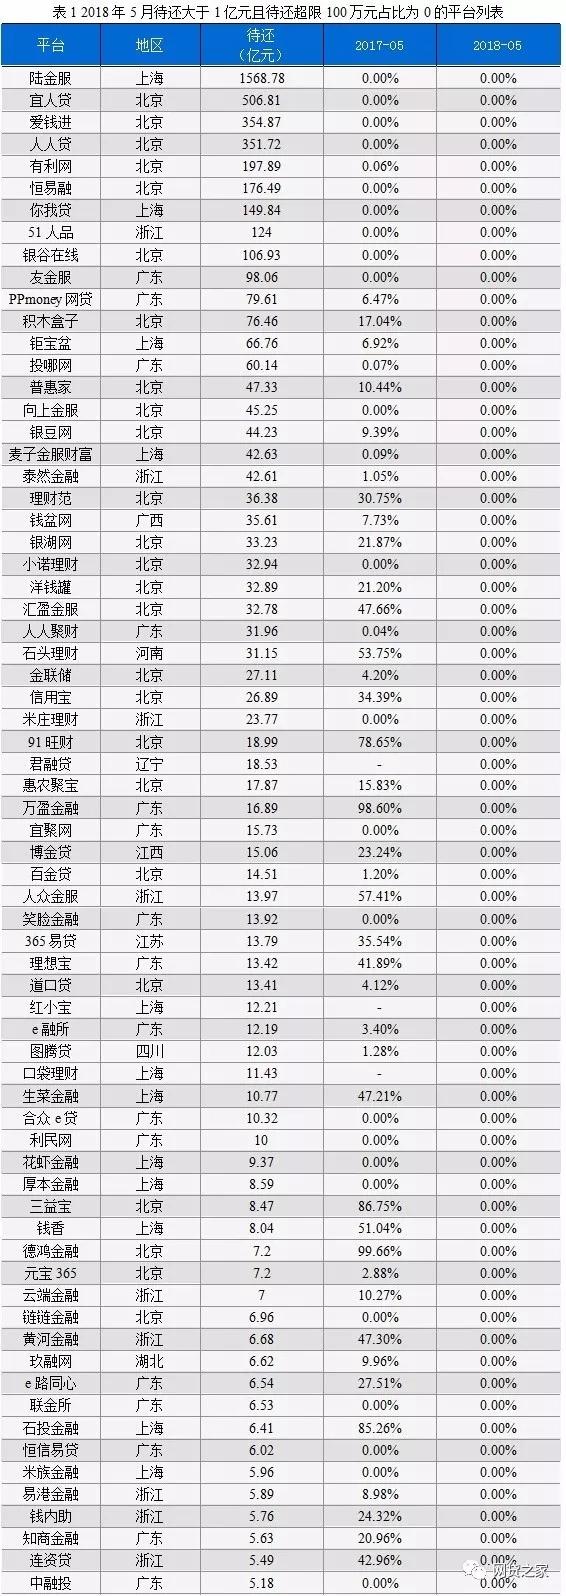 网贷之家发布P2P限额合规成绩单,金筑财富挺进百强